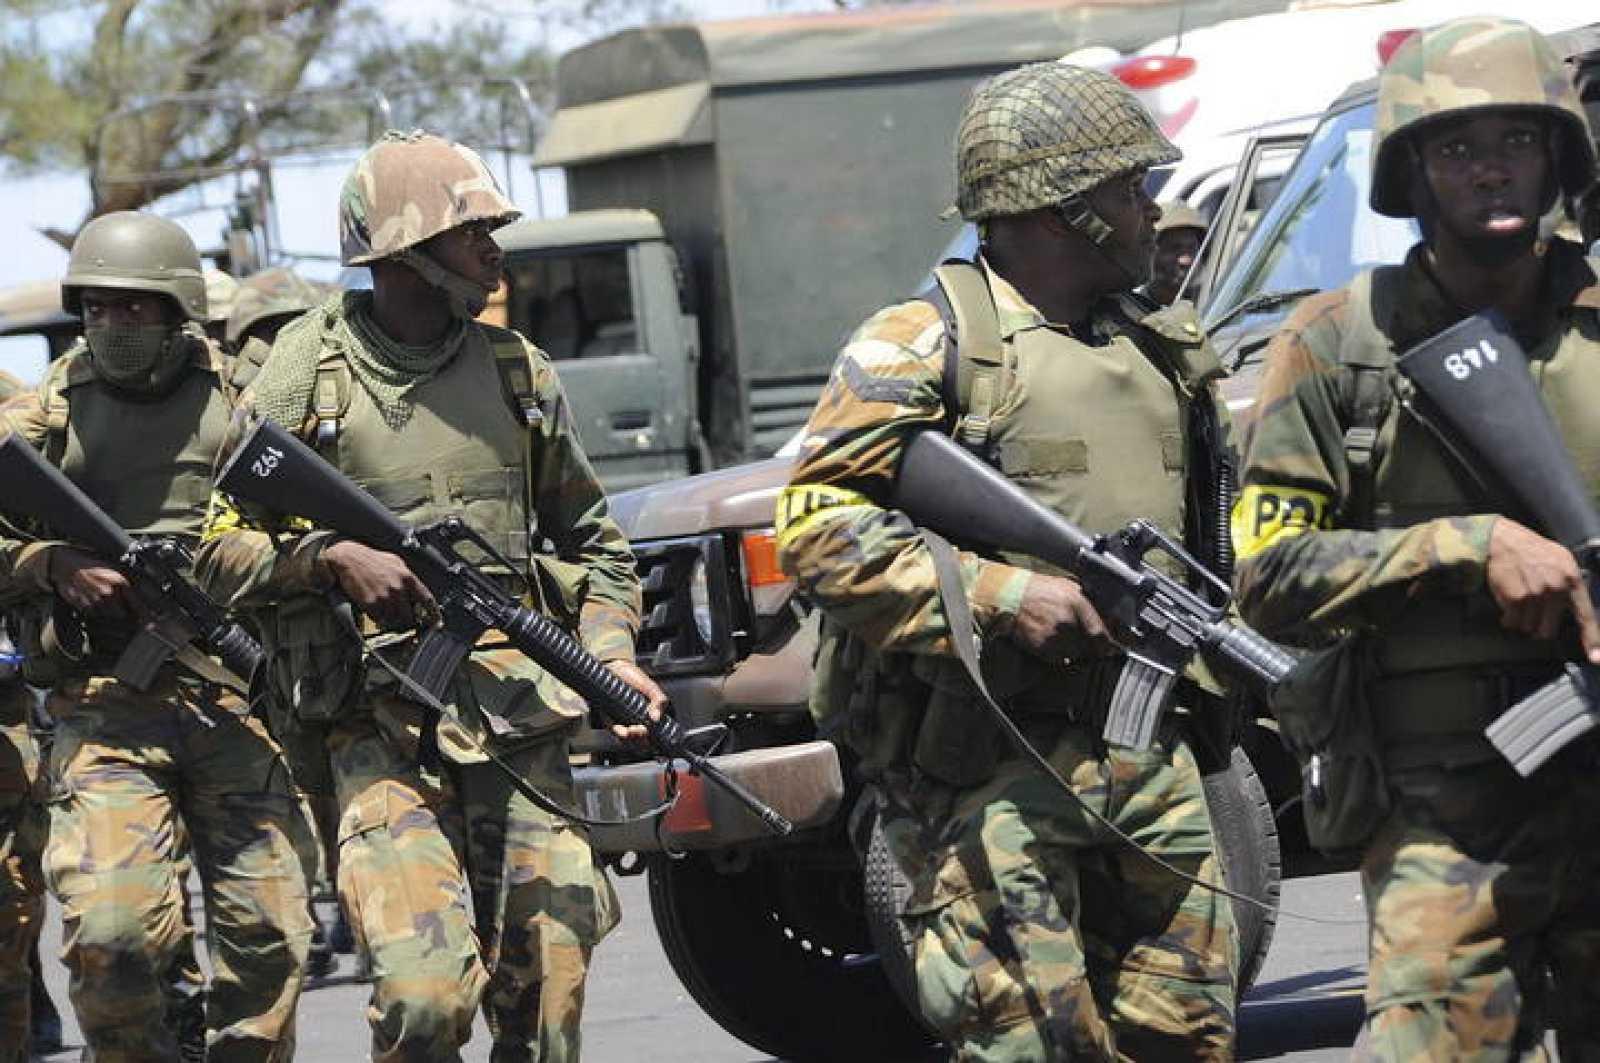 """Soldados del Ejército jamaicano patrullan las calles de Kingston, tras el bloqueo de grupos que se oponen a la detención y posterior extradición a Estados Unidos del narcotraficante Christopher """"Dudus"""" Coke."""